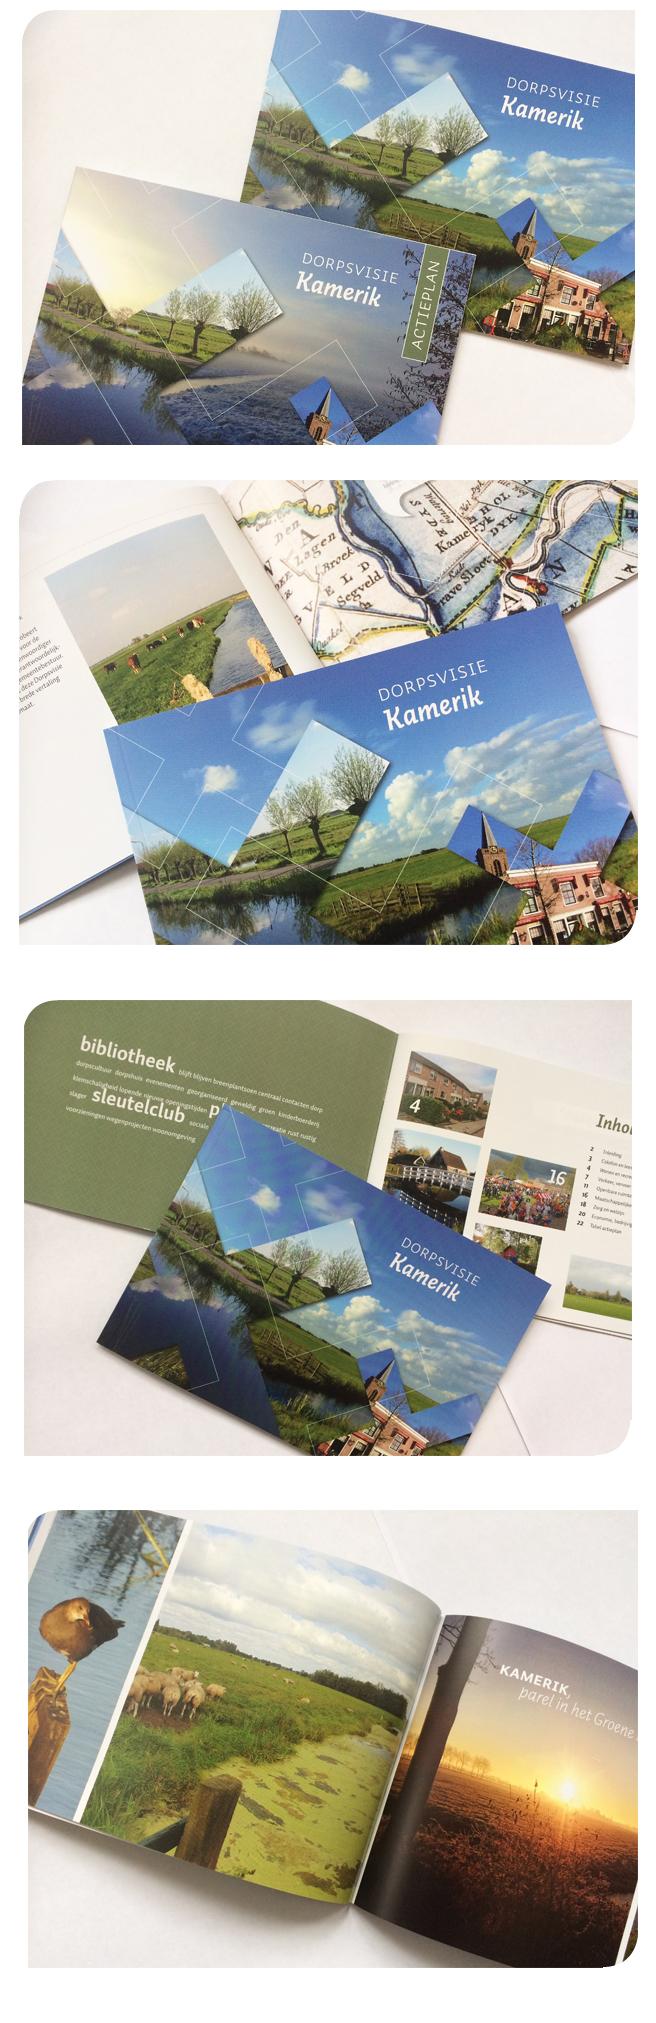 Brochure Dorpsvisie Dorpsplatform